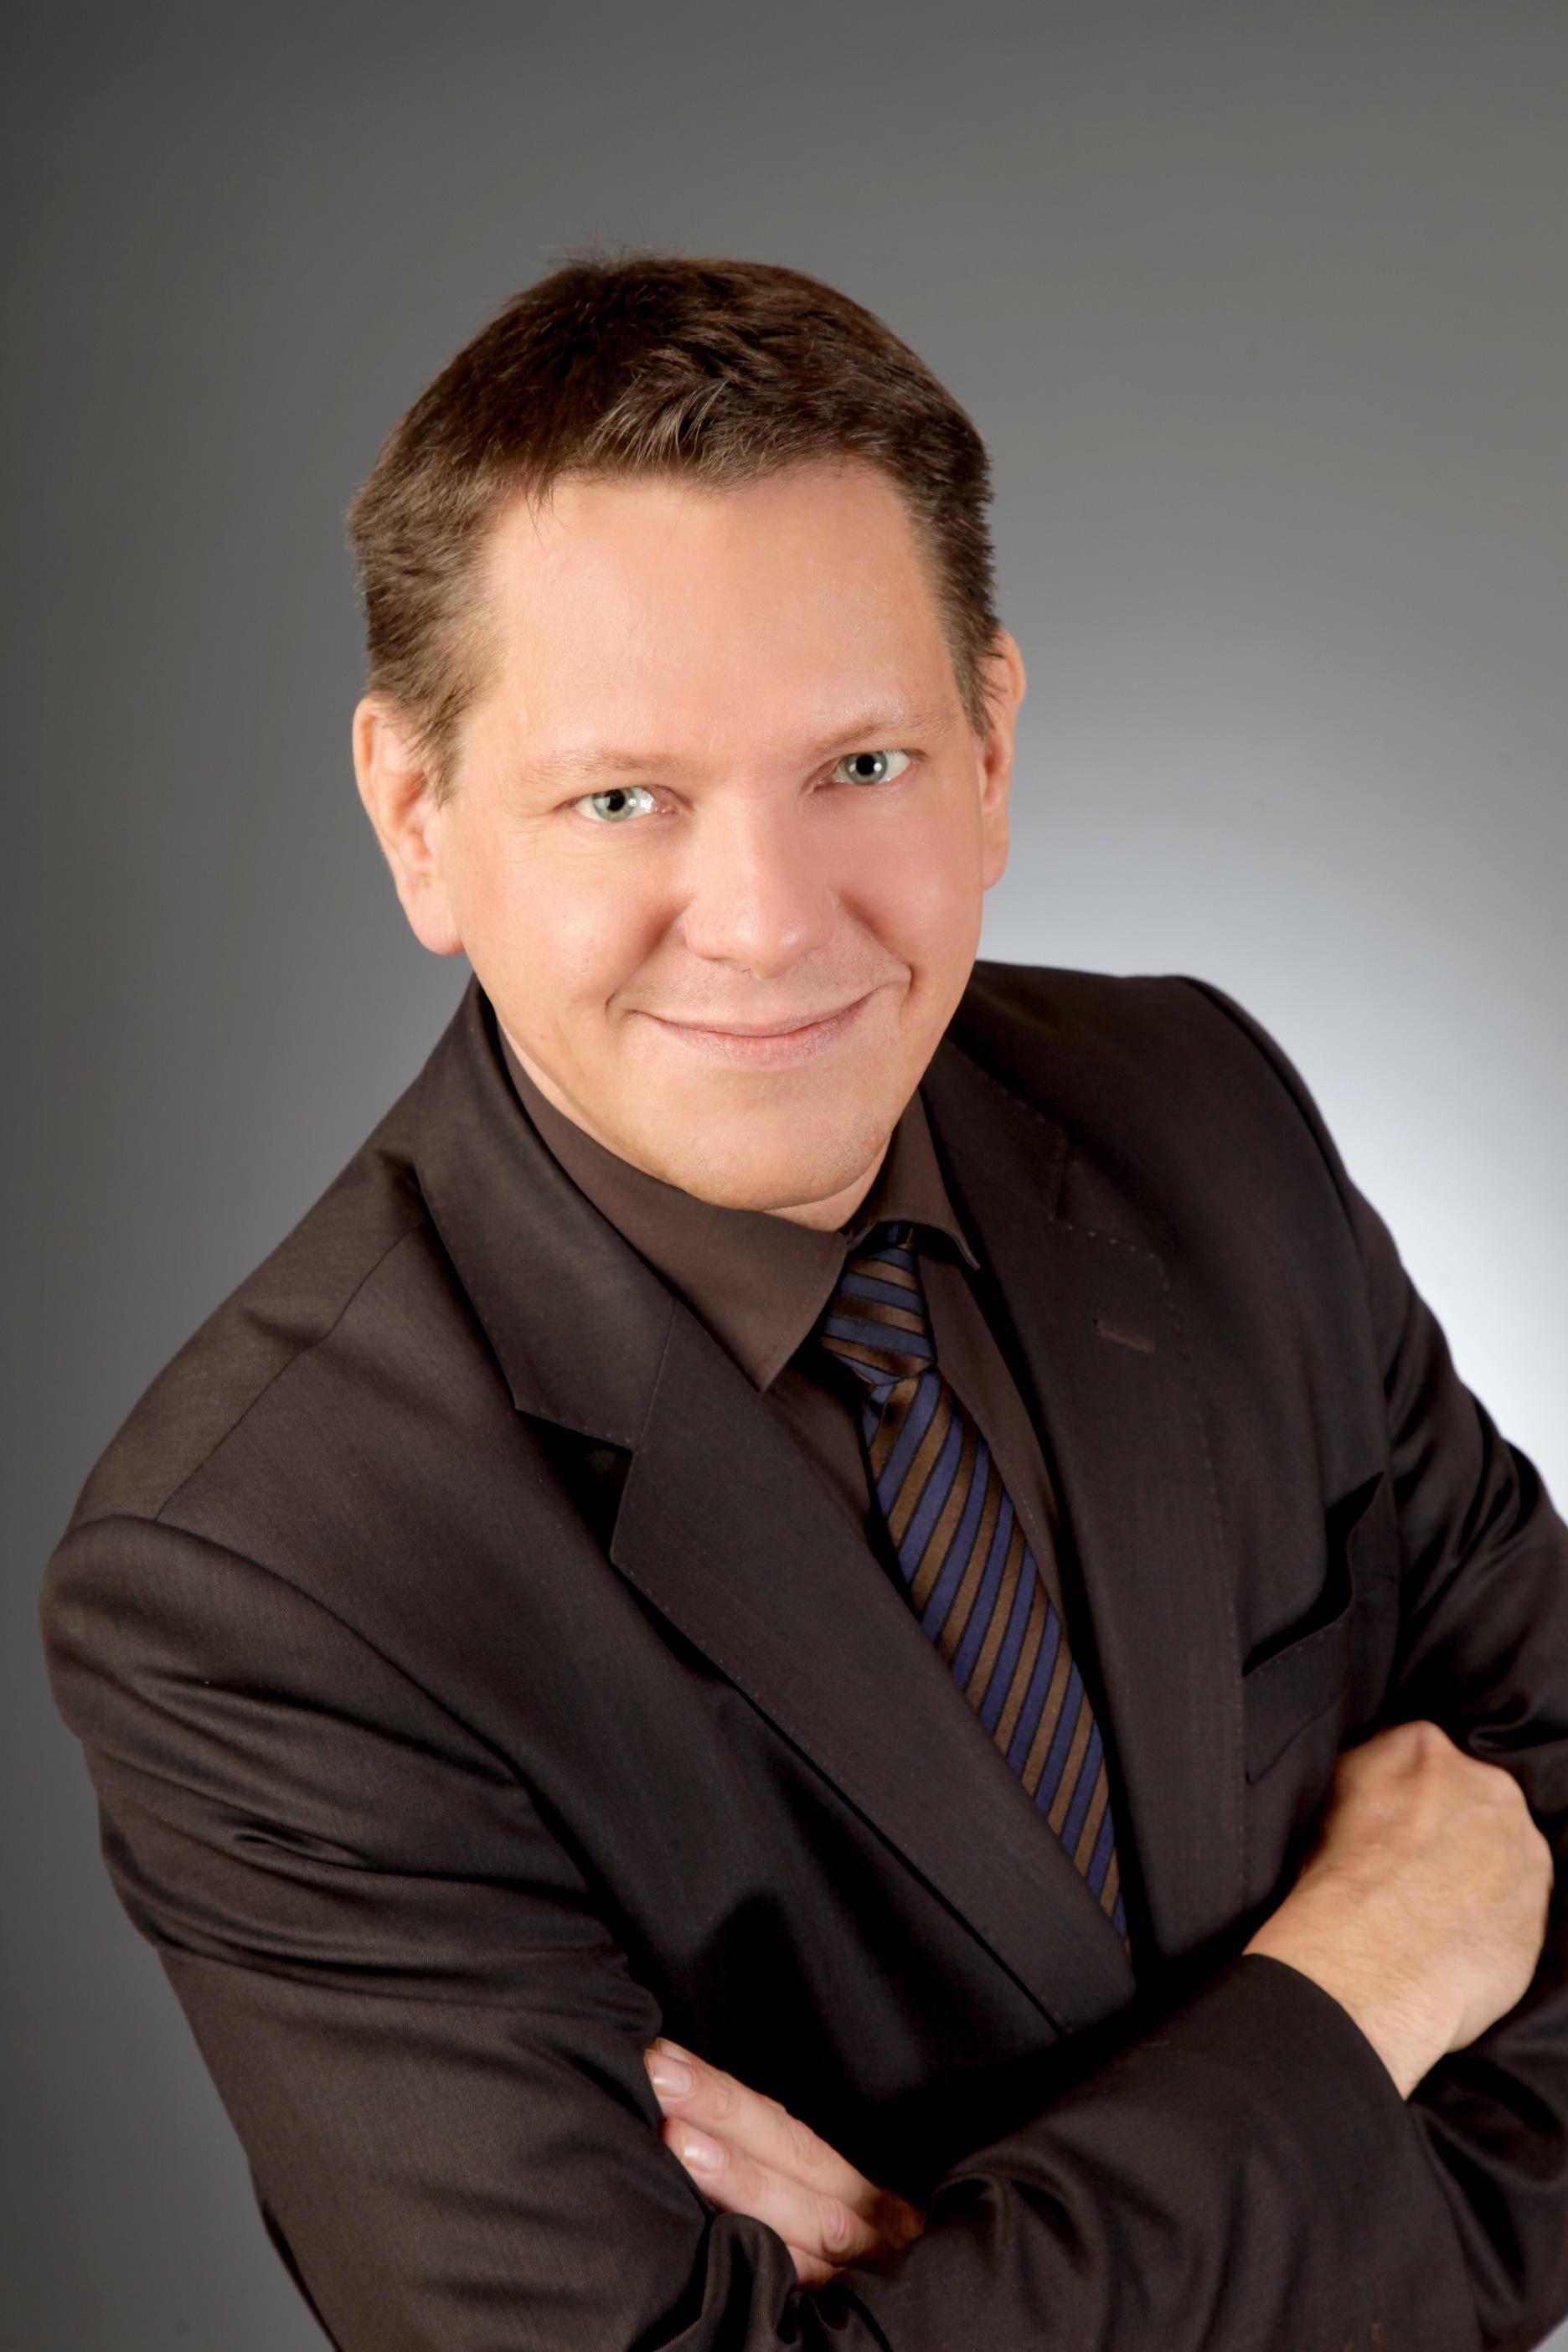 Lars Heise, Teamleiter und Selbstständiger Finanzberater für die Deutsche Bank